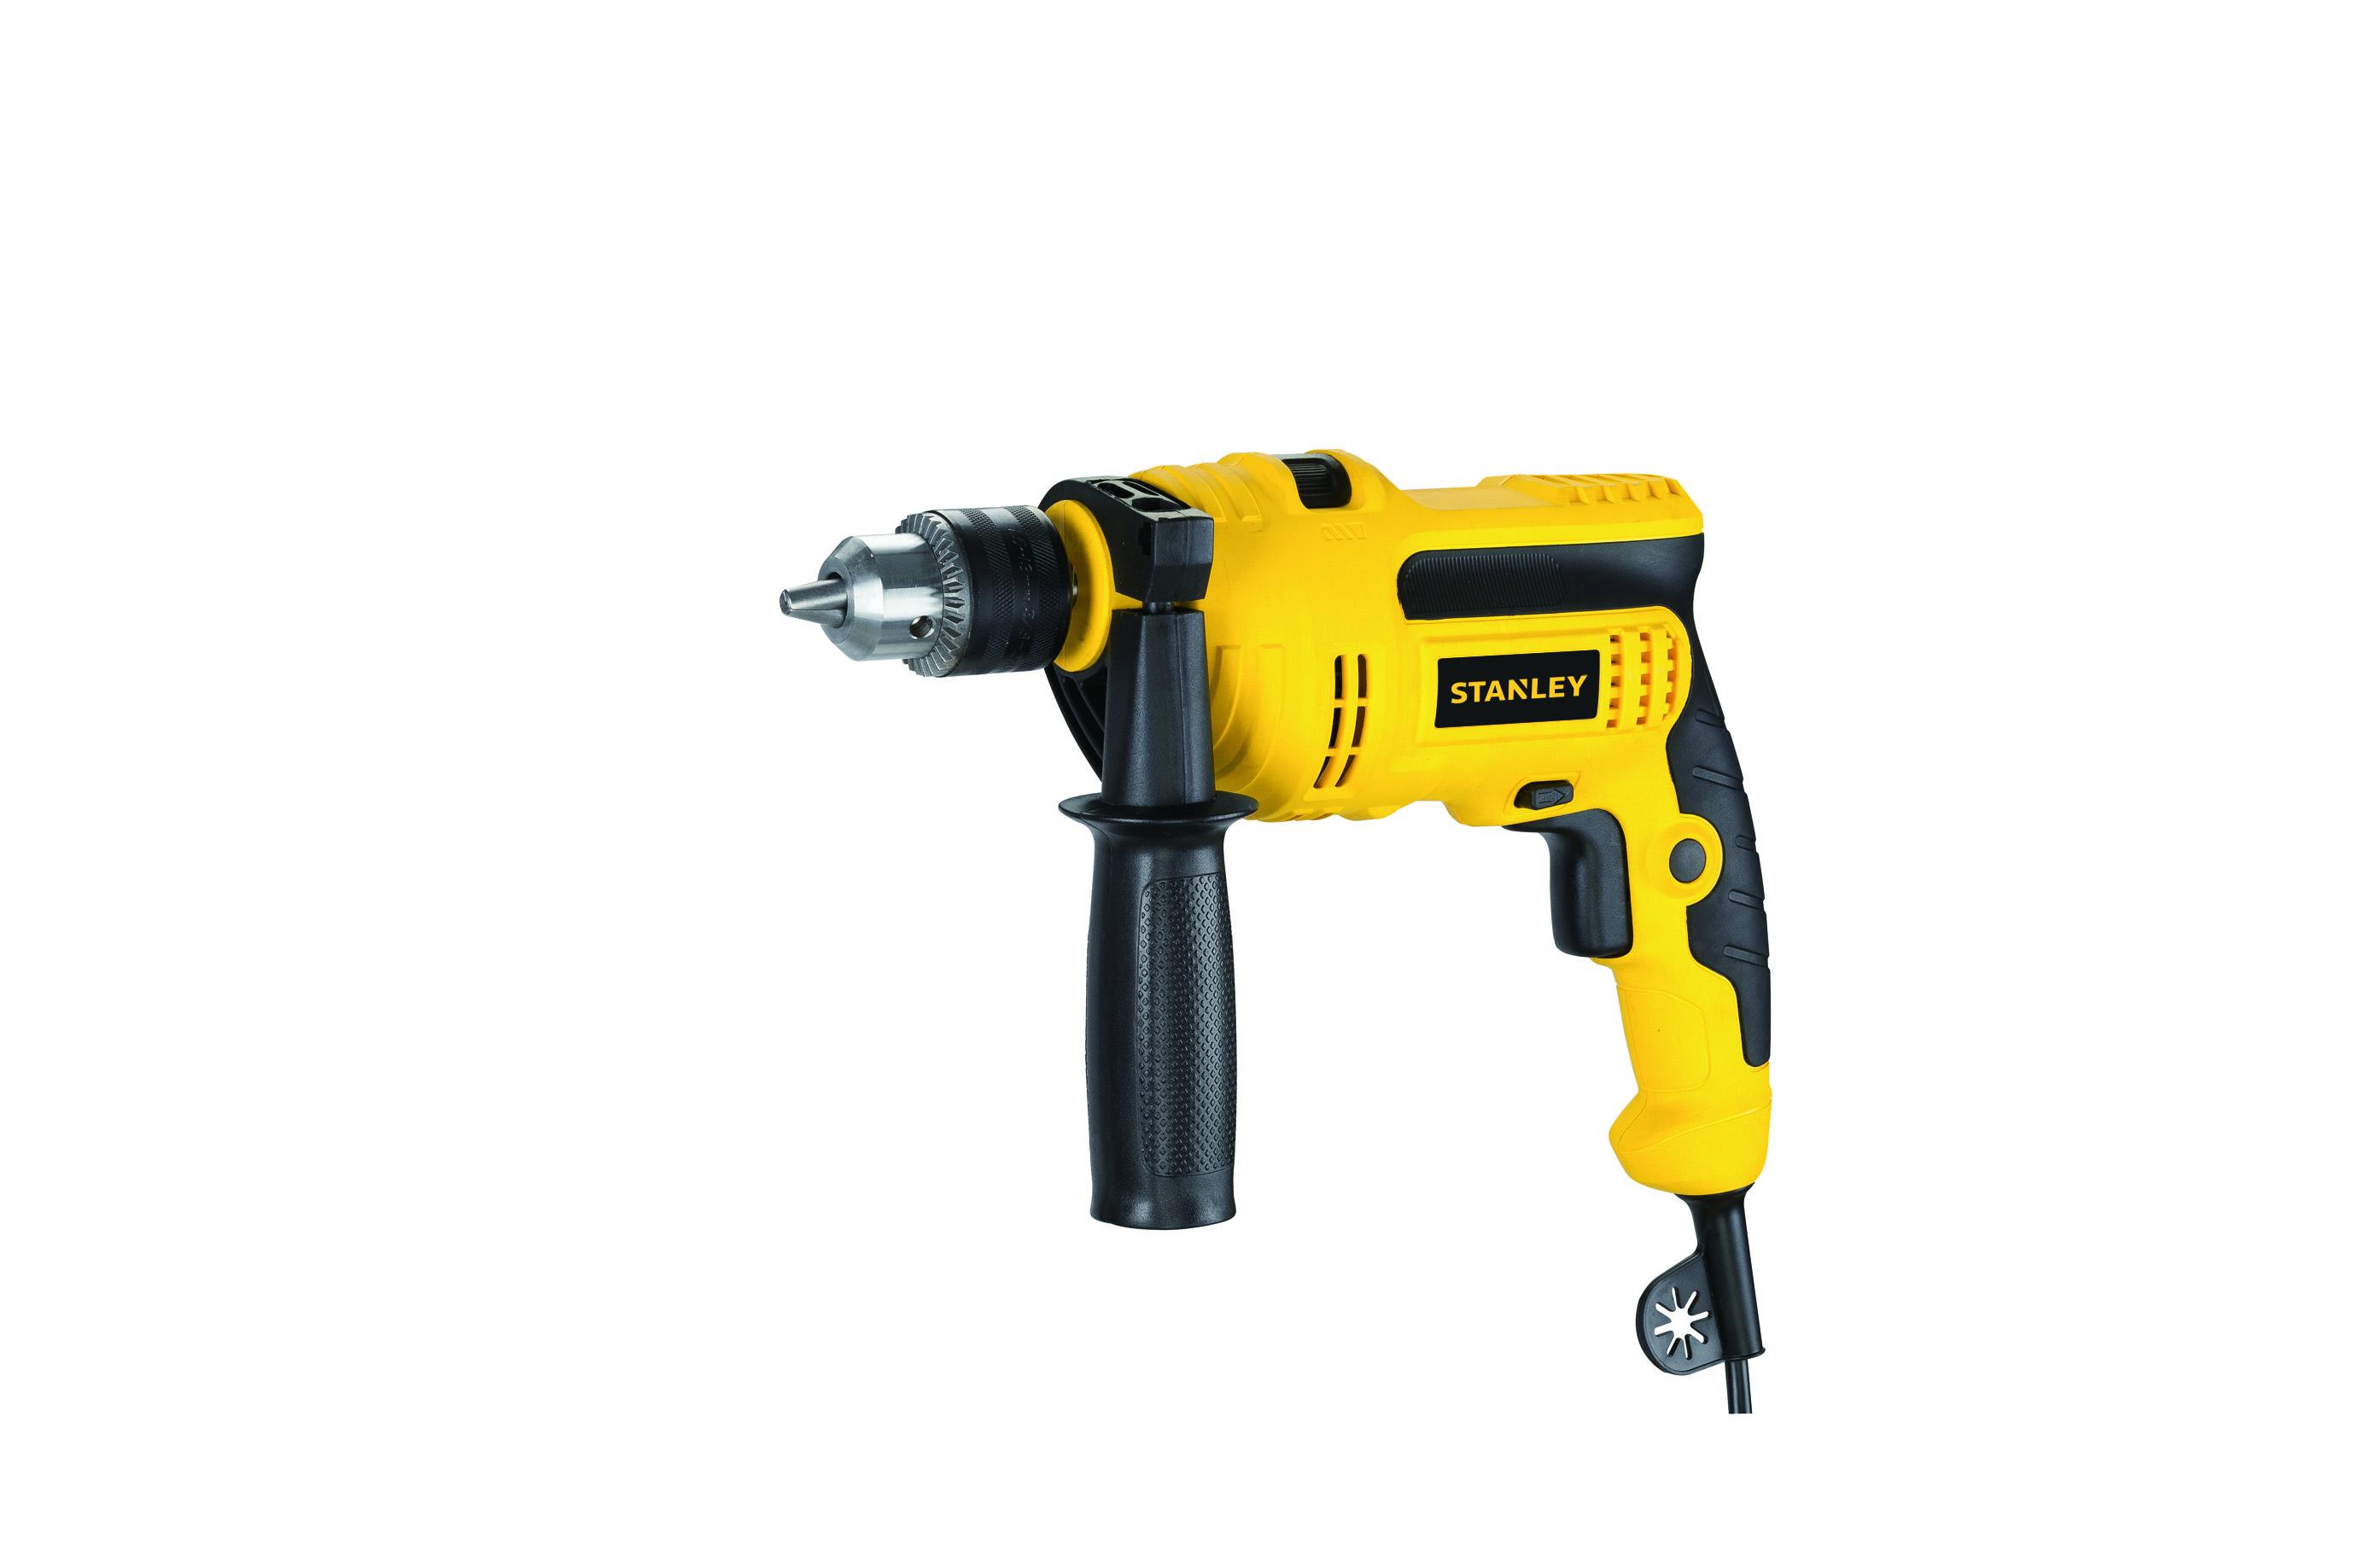 Stdh6513 Stanley Impact Drill 13mm 650w E Weld 18v Brushless Driver